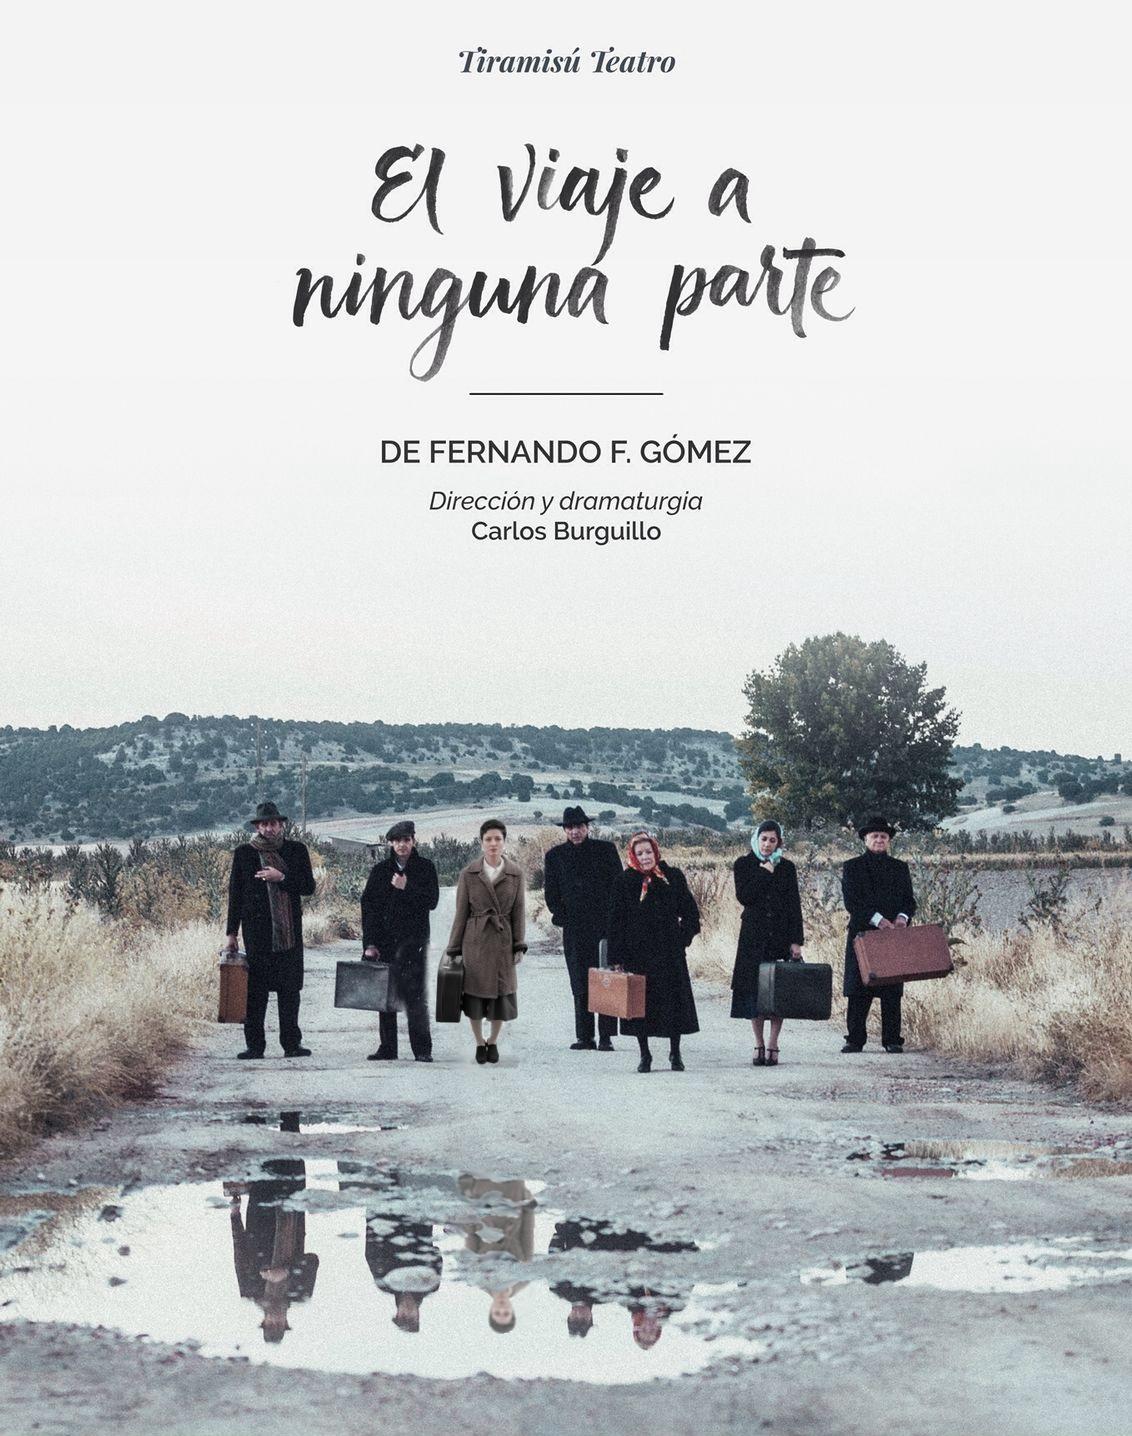 El viaje a ninguna parte (Fernando Fernán-Gómez, 1986